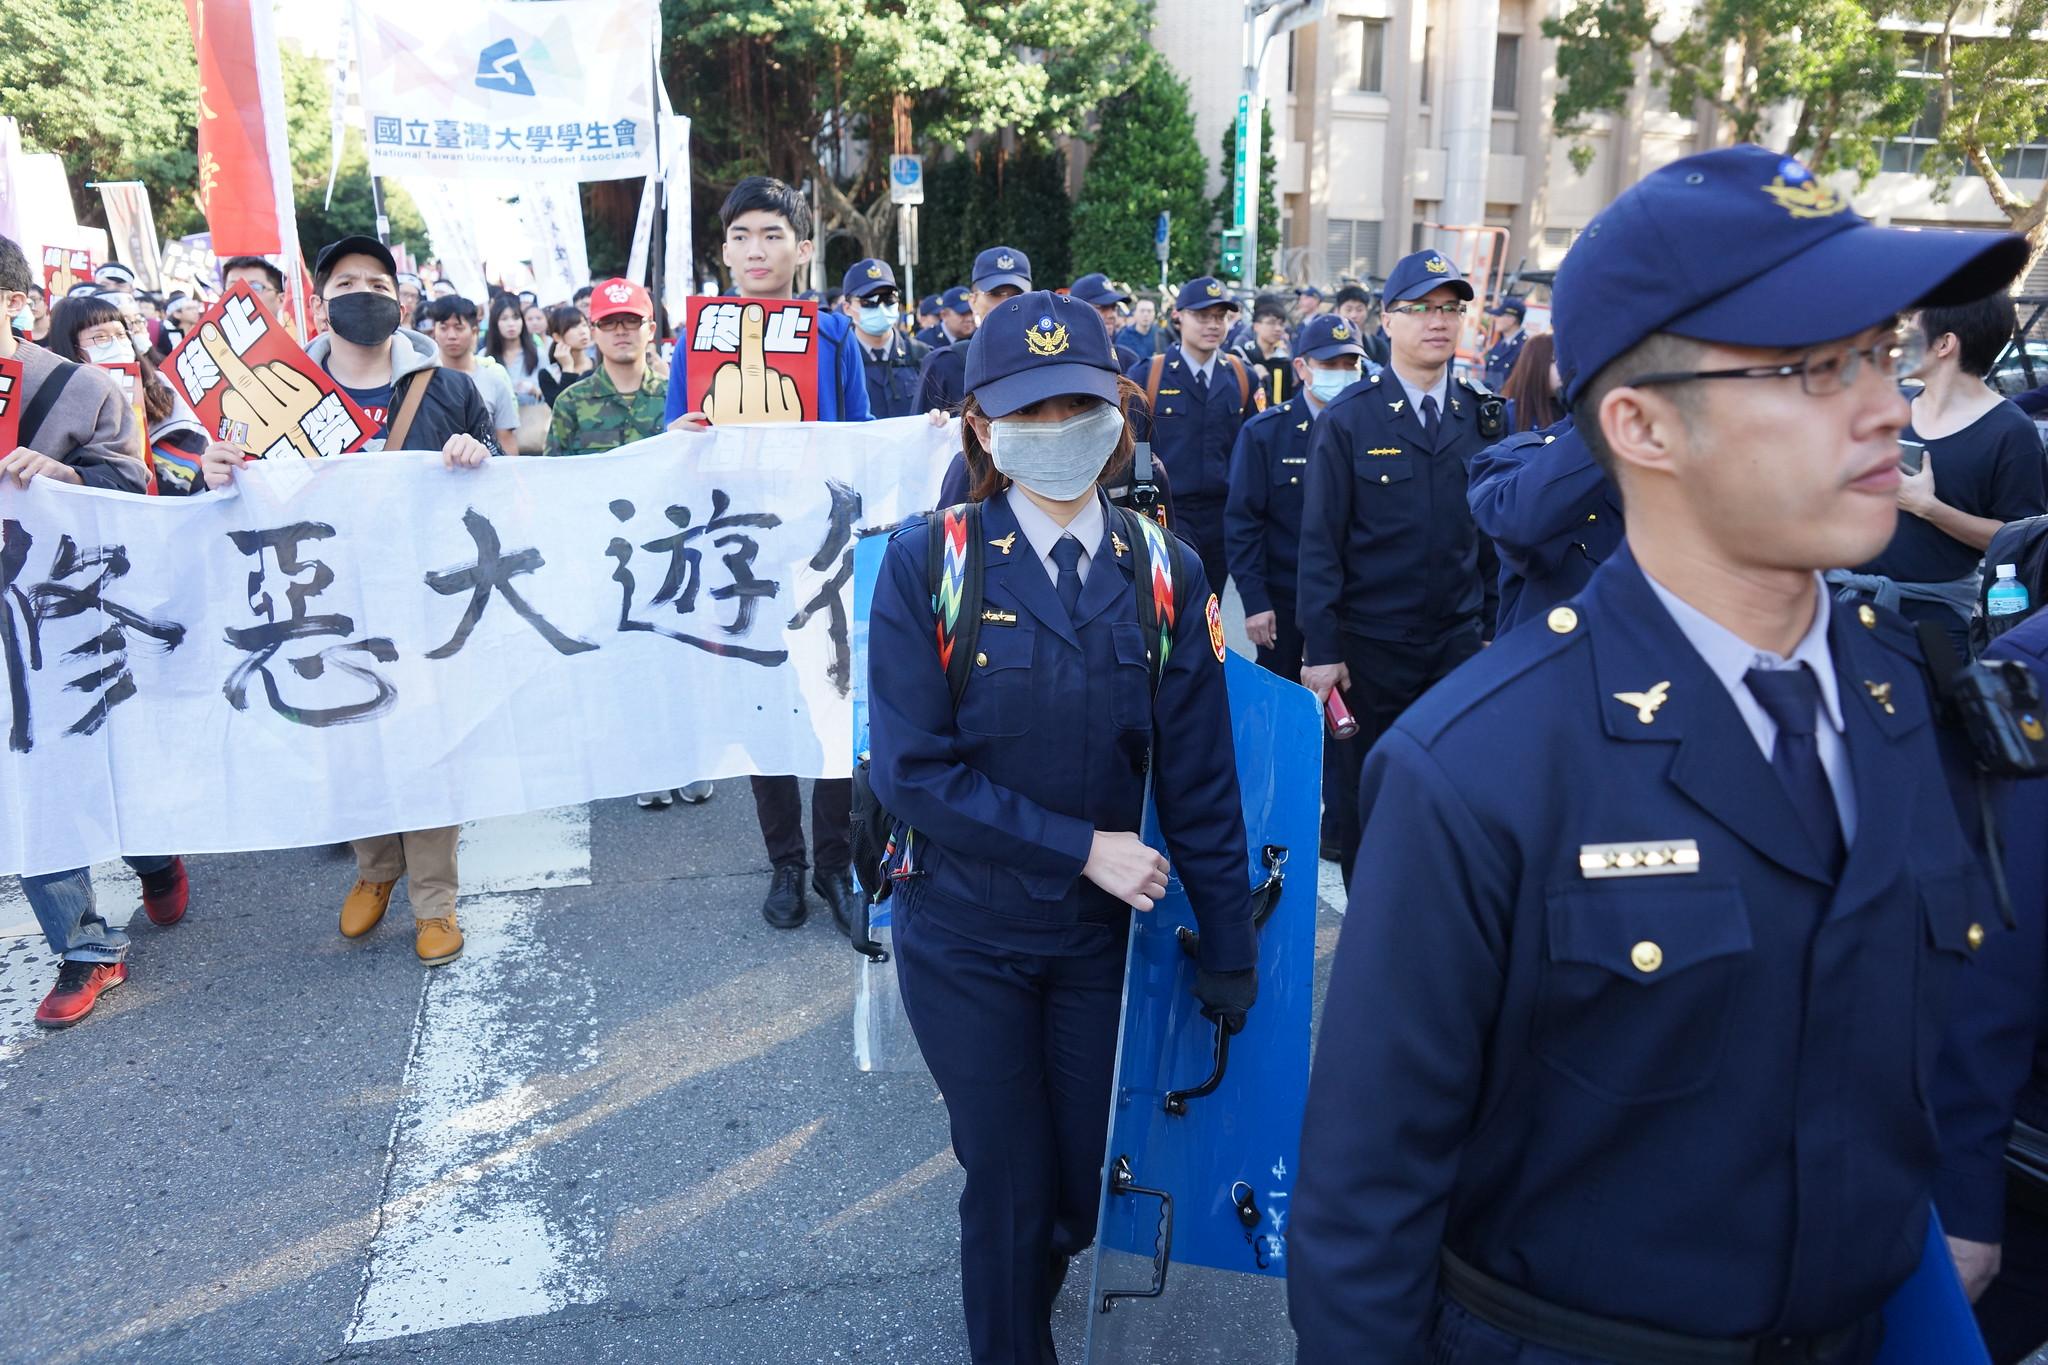 今日警方反常地派出大批警力走在遊行隊伍中。(攝影:王顥中)